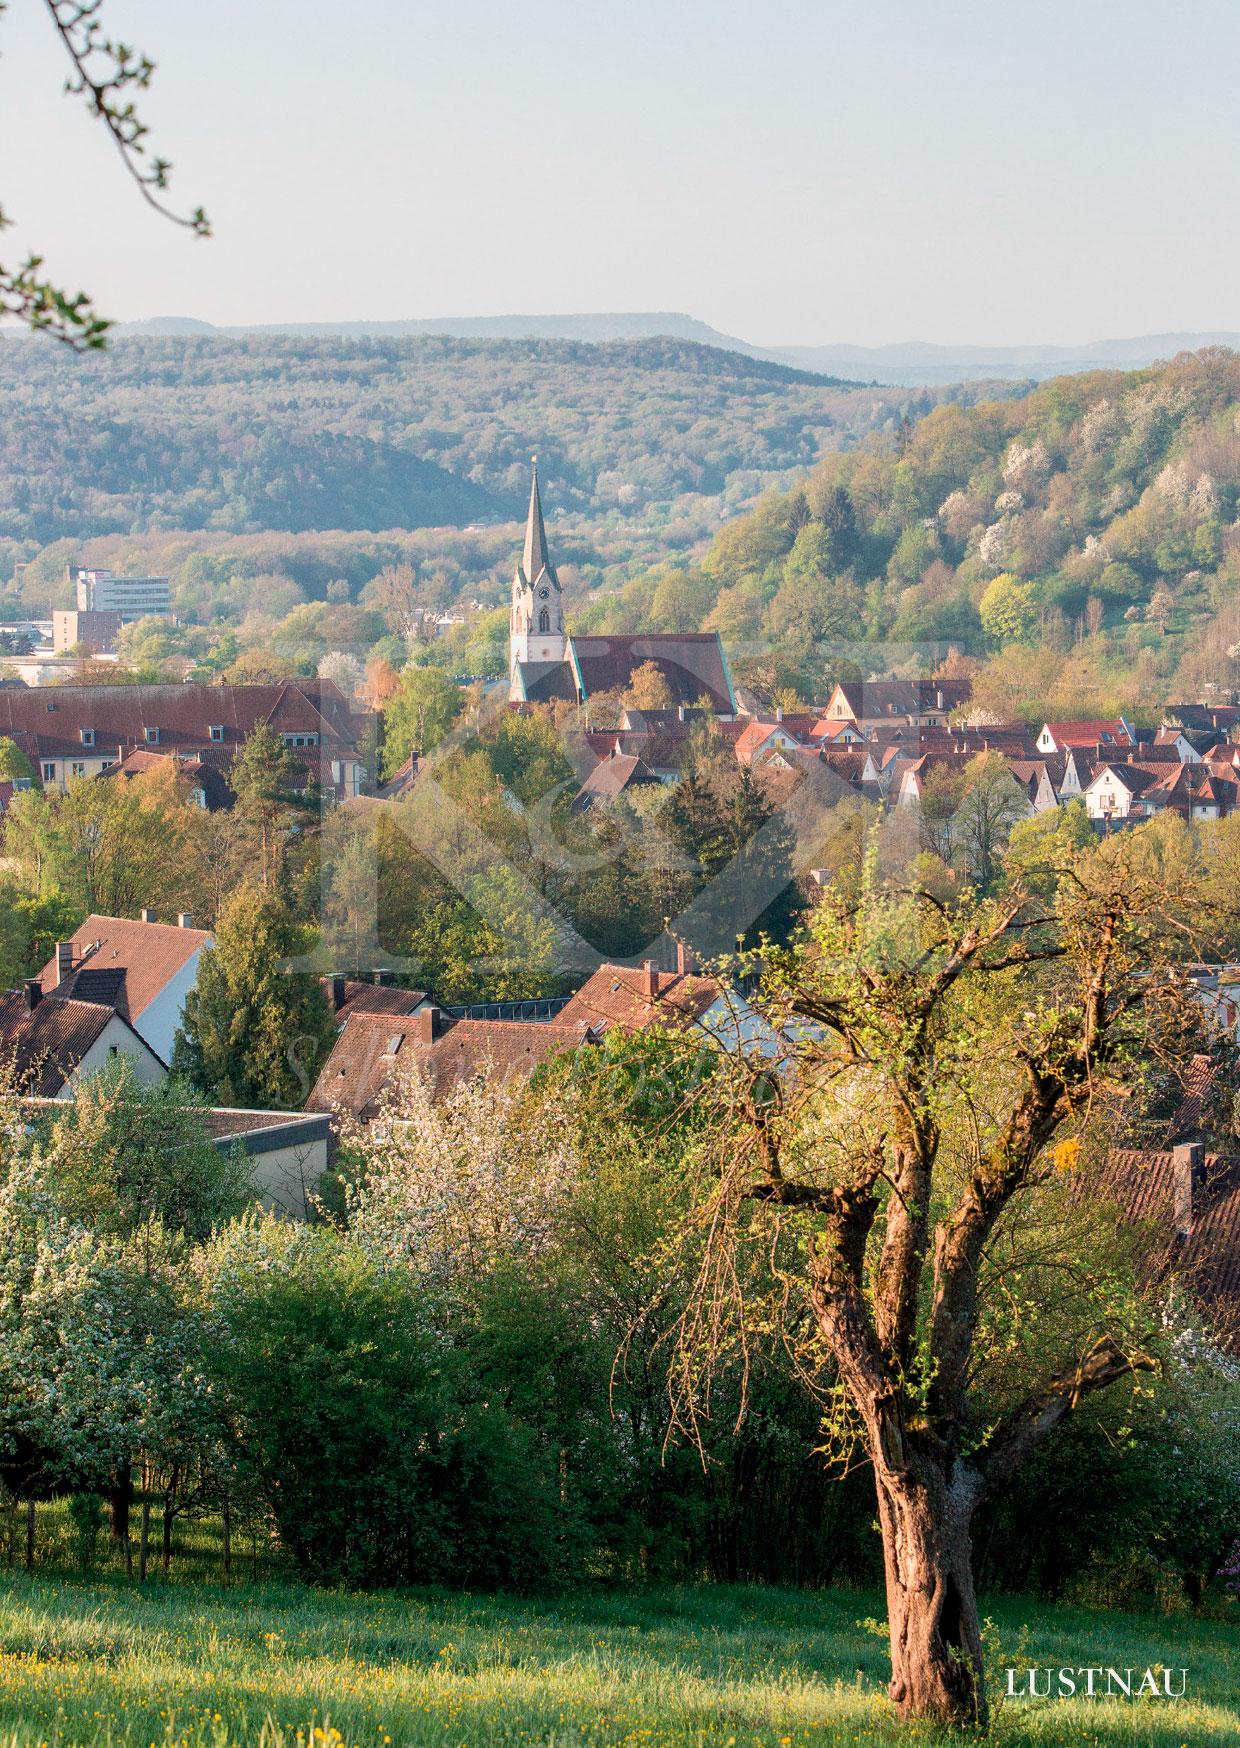 Schöne Postkarte Nr. 120 · Blick auf Lustnau, Stadtteil von Tübingen · © www.schoenepostkarten.de